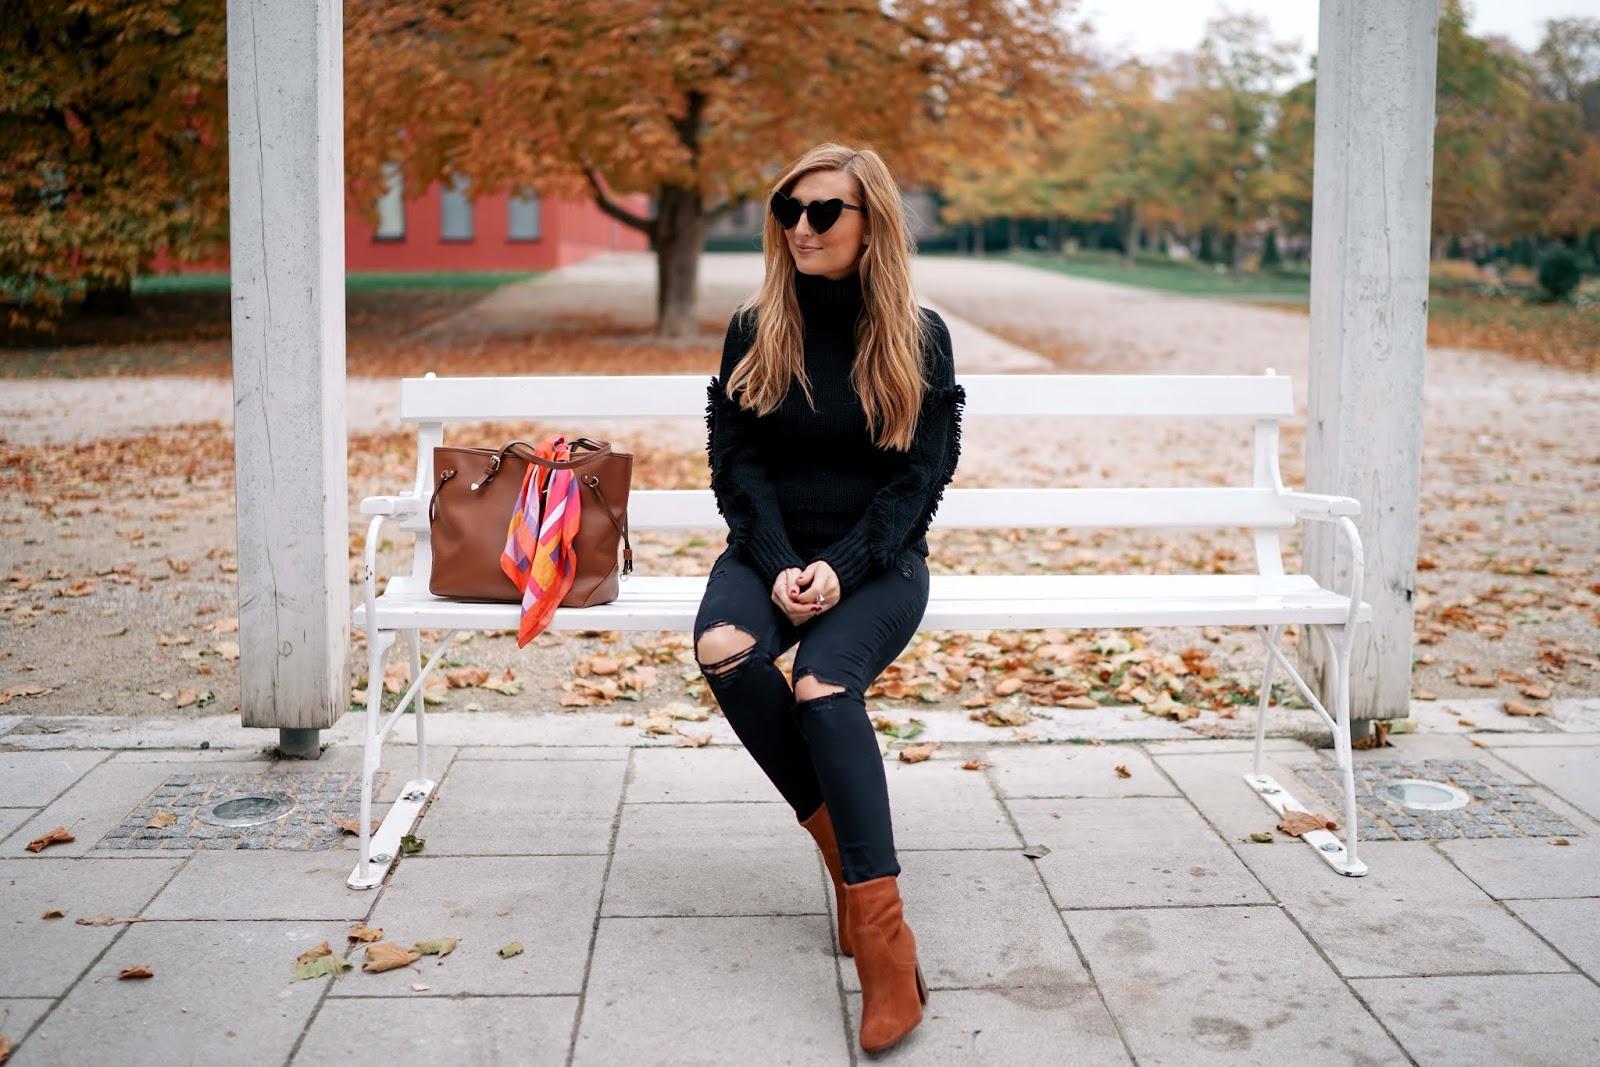 was zieht man im winter an - Winteroutfit-must-have-im-winter-justblack-conleys-pullover-in-schwarz-braune-wildleder-stifeletten-rollkragenpullover-fashionblogger-fashionstylebyjohanna